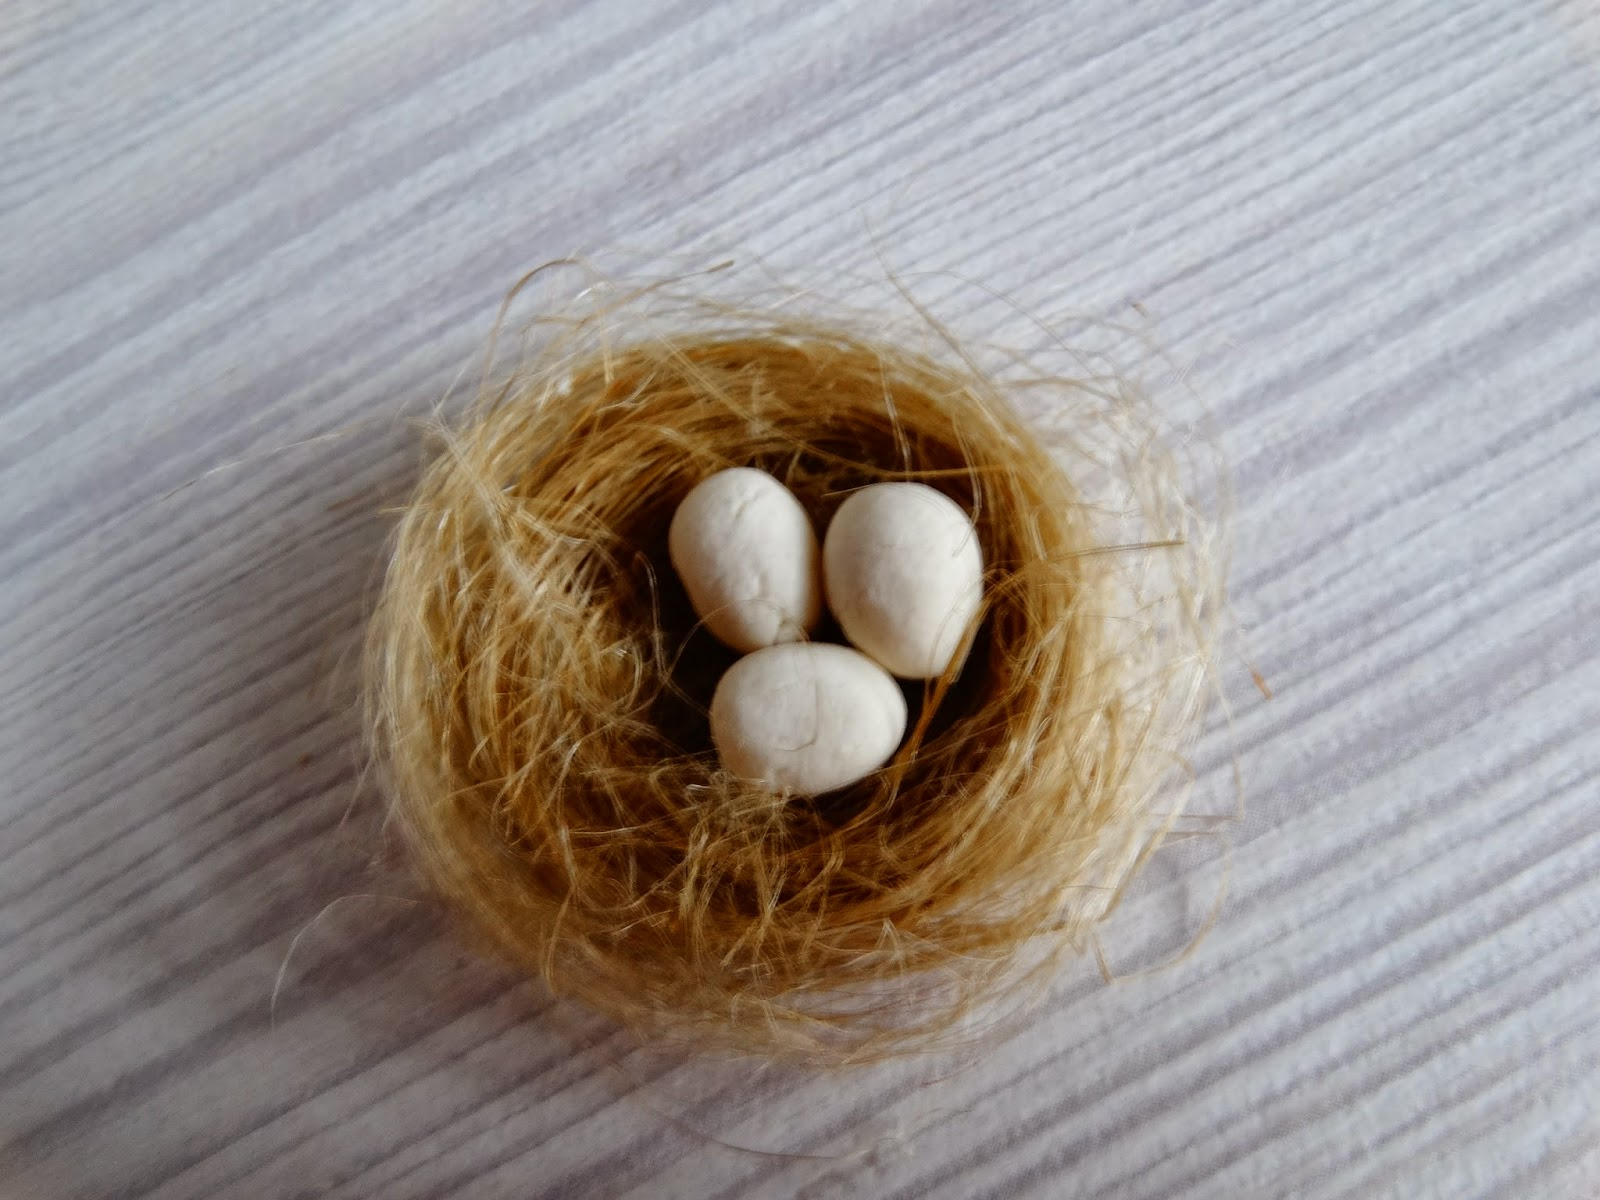 Как сделать яйца в гнезде